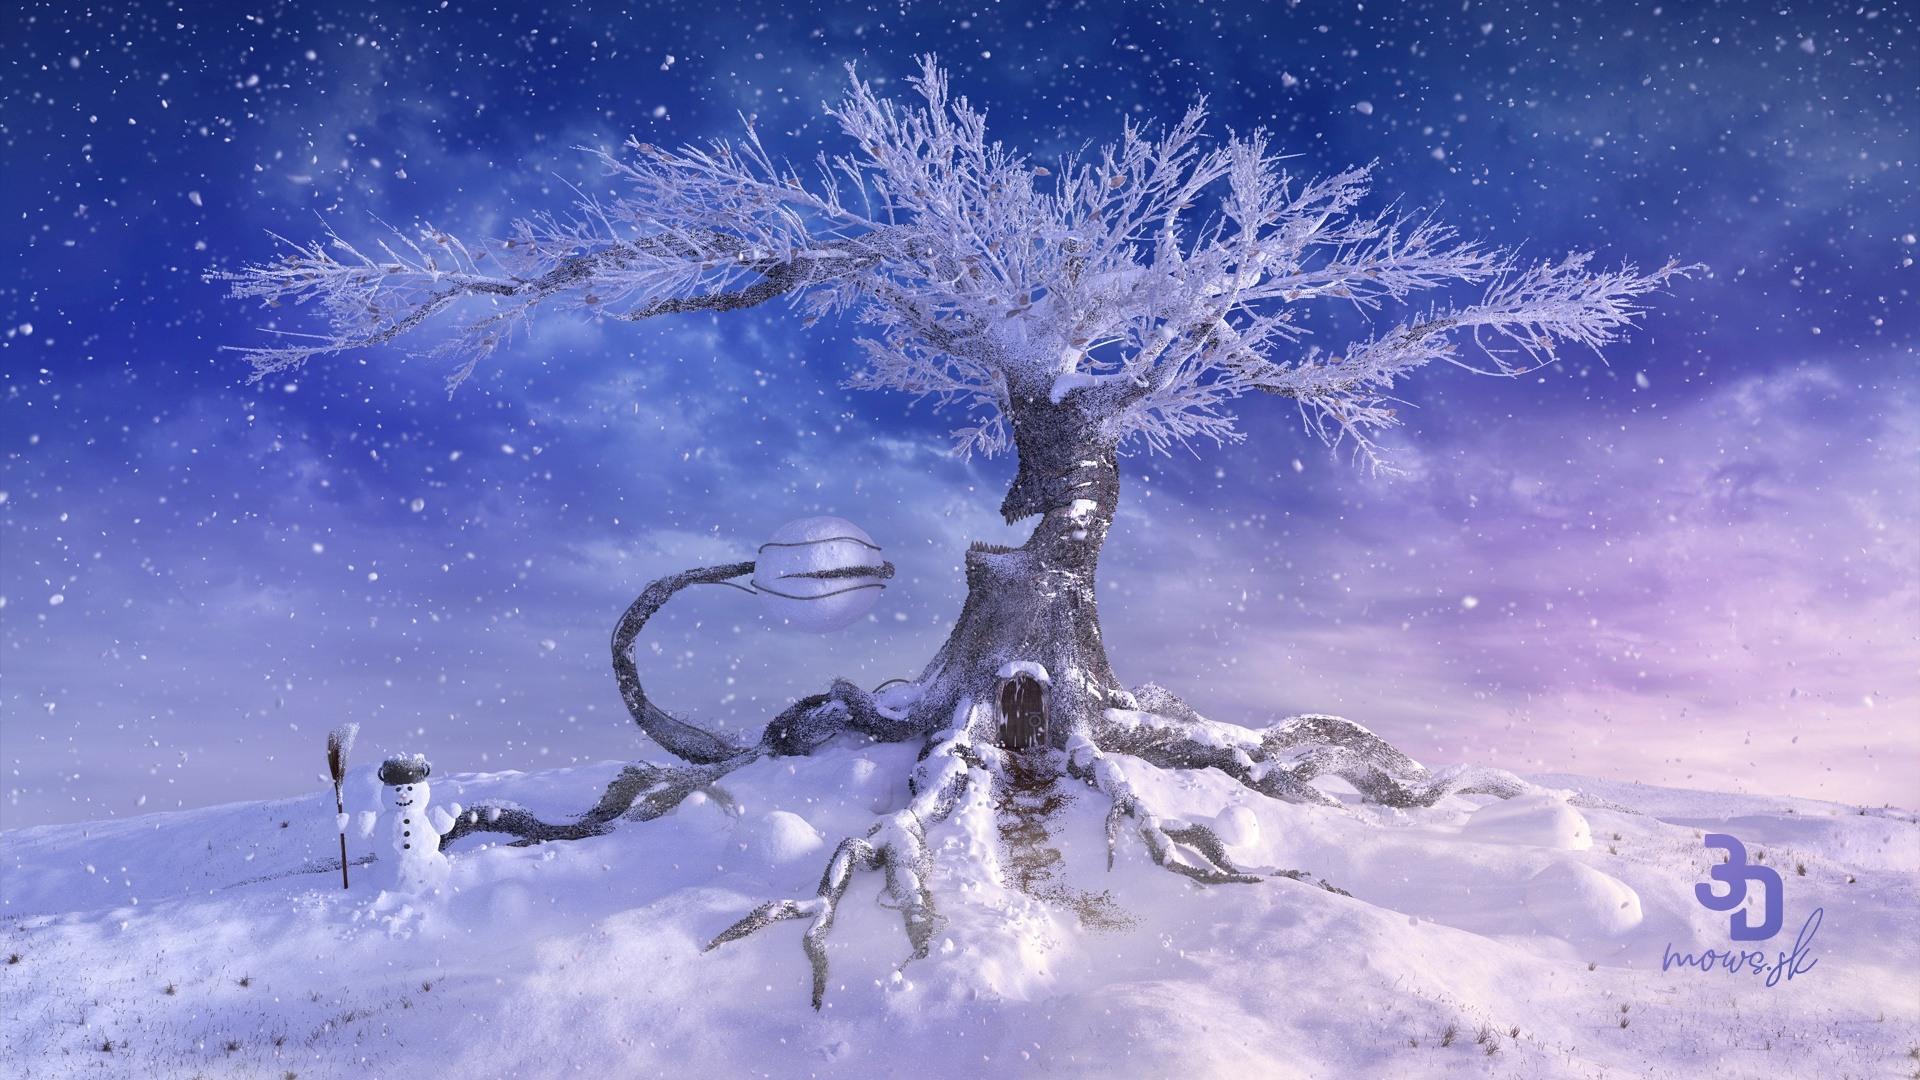 Zimná zasnežená krajina